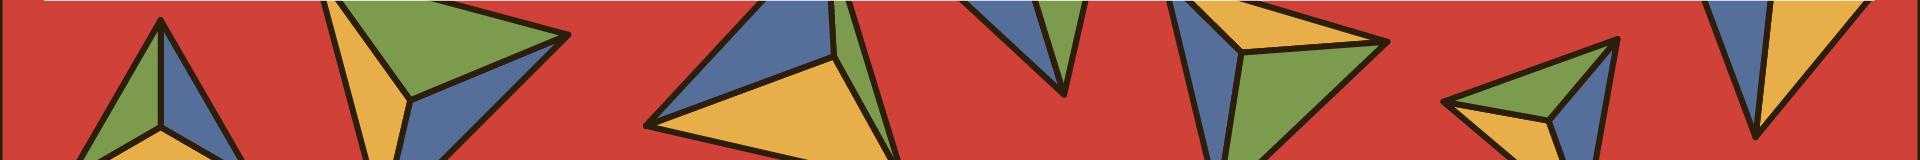 CE_patterns-02